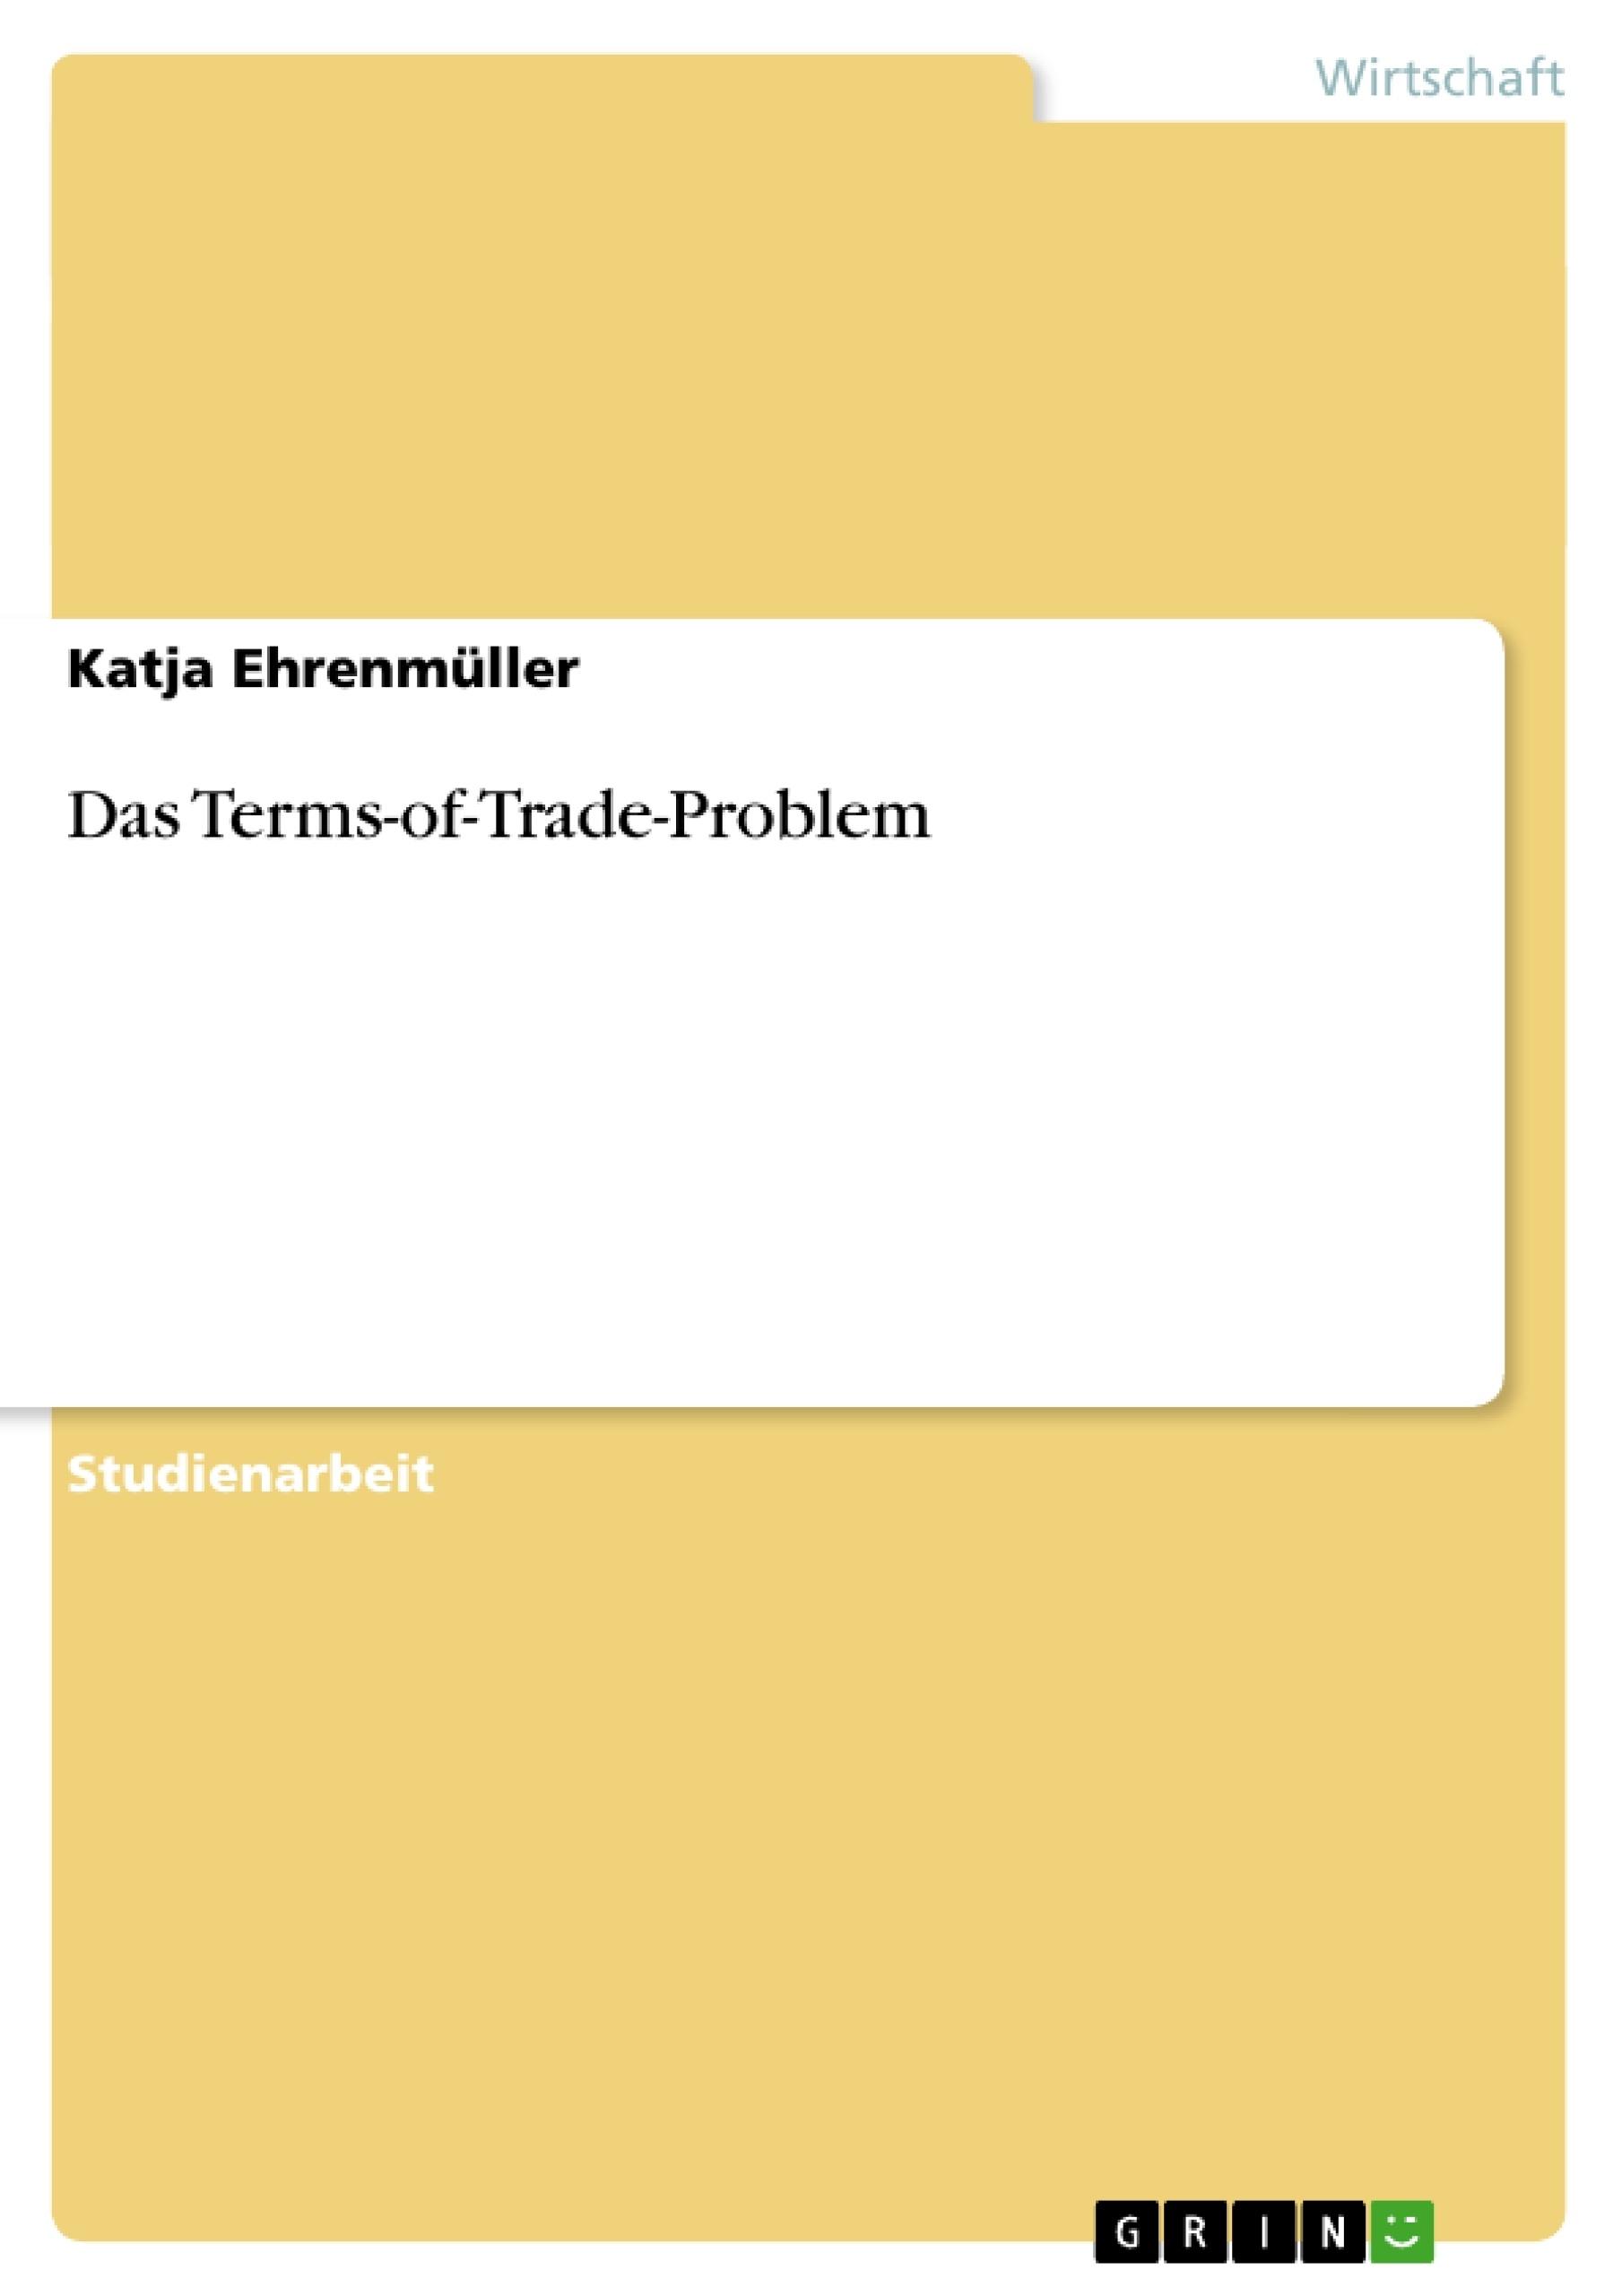 Titel: Das Terms-of-Trade-Problem